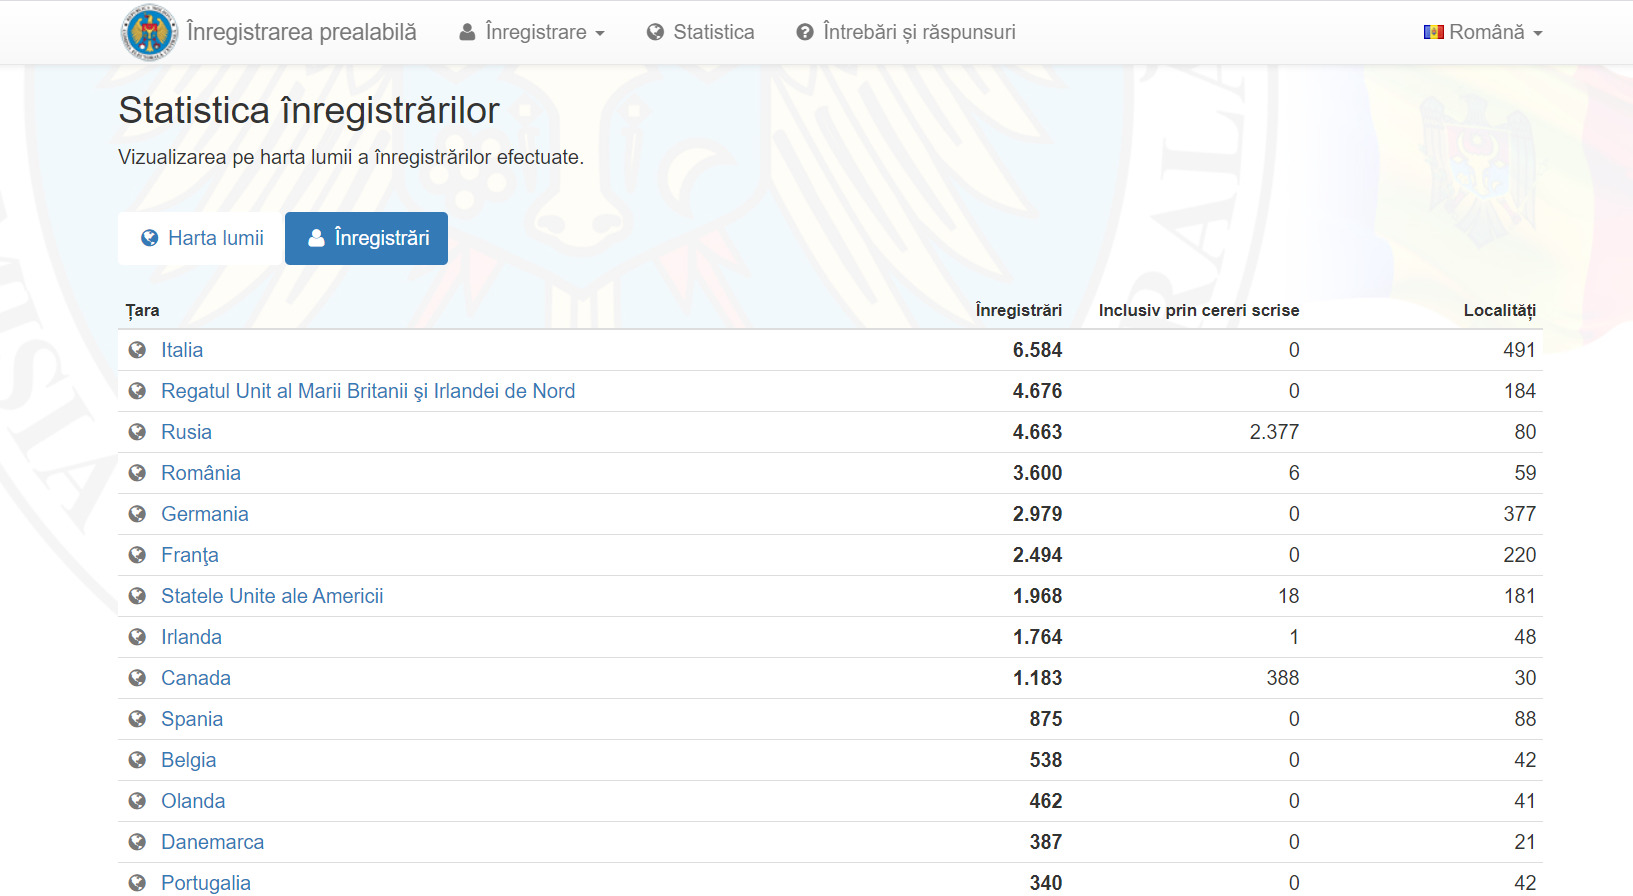 Тунис, США, Индия, Австралия. Около 35тыс. граждан Молдовы заграницей хотят участвовать ввыборах президента